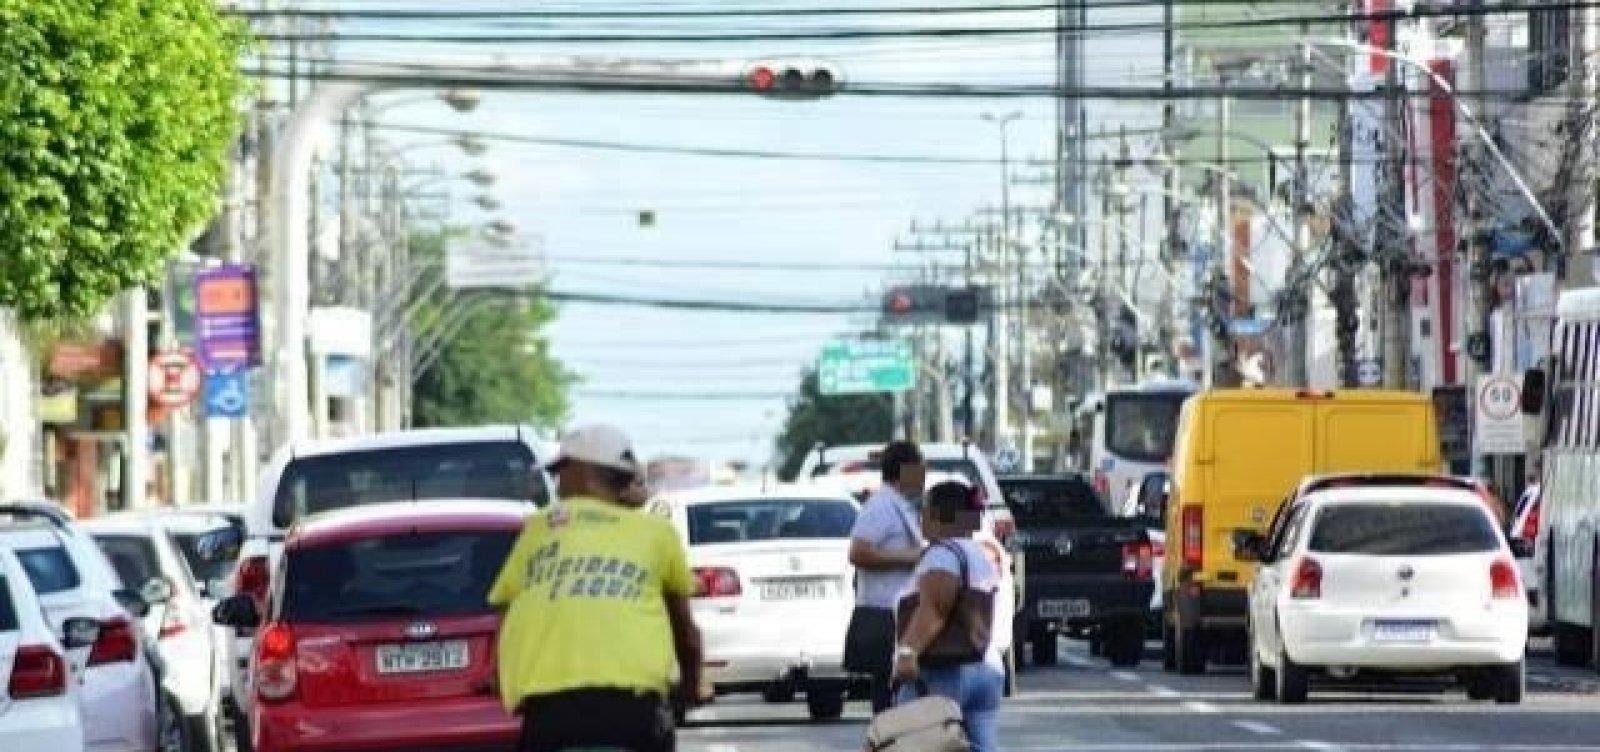 Decreto autoriza reabertura de bares e restaurantes em Feira de Santana